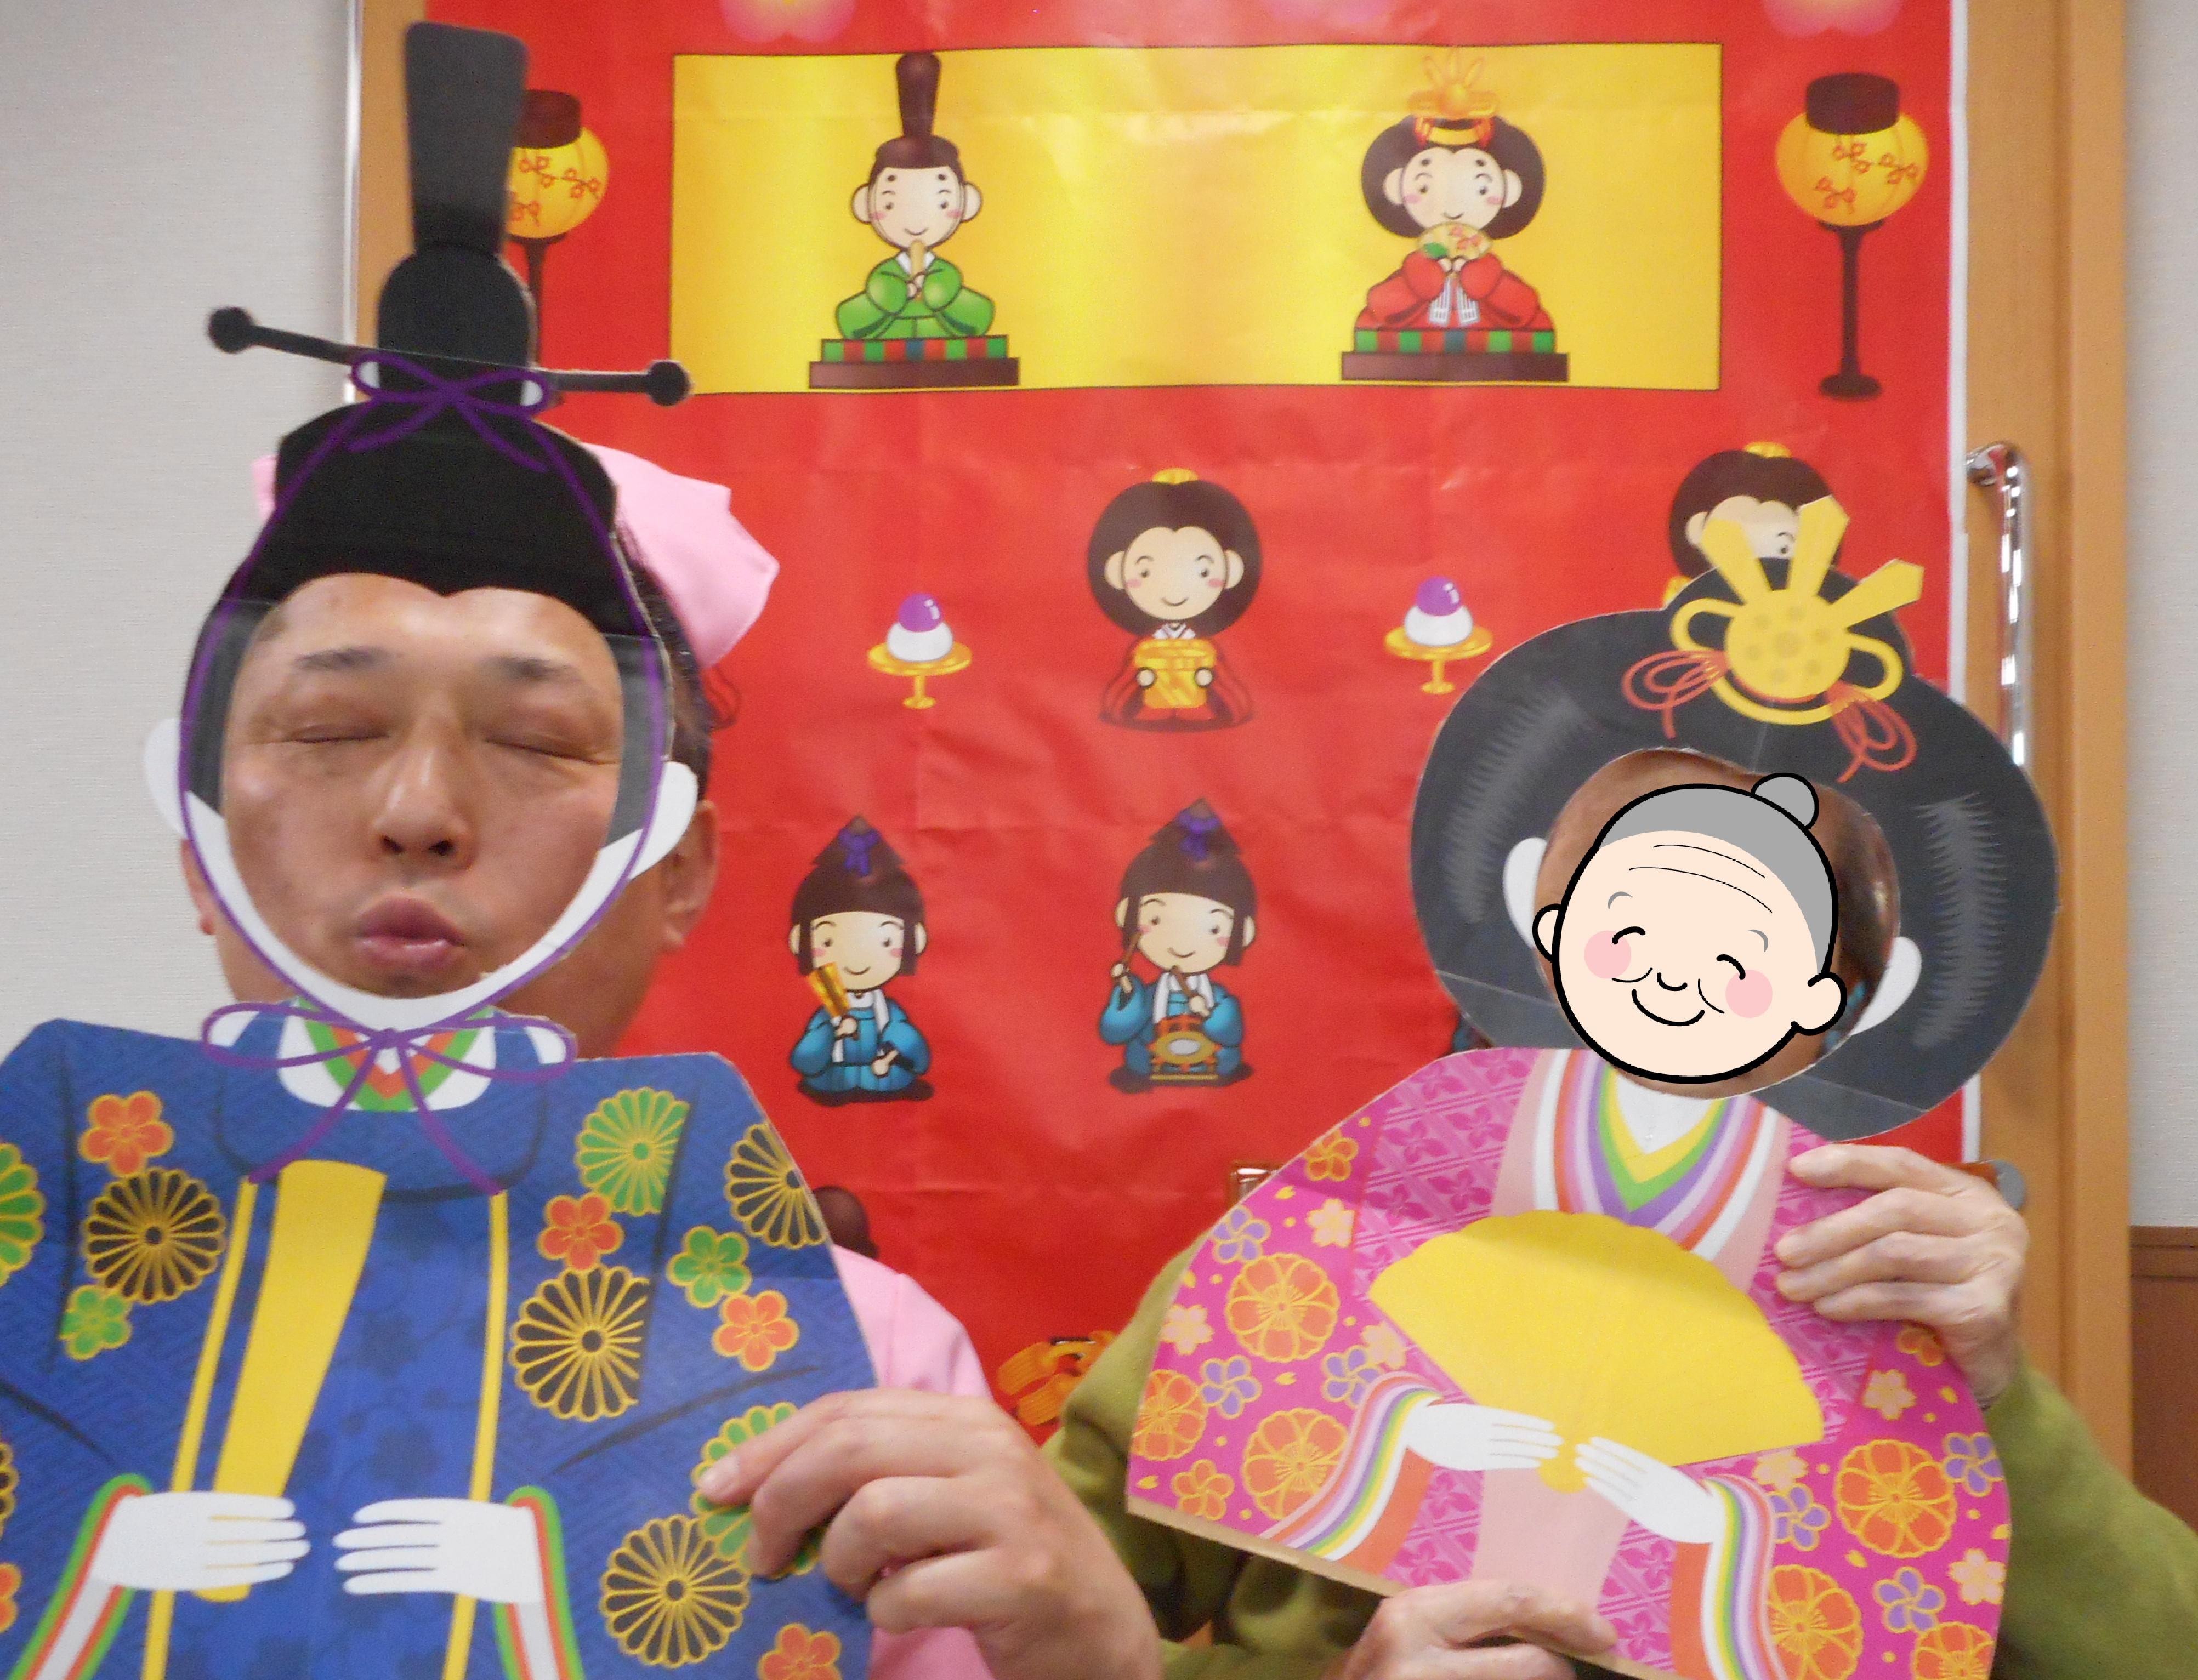 3月3日 桃の節句 ひな祭り開催(介護付有料老人ホームゆたか)